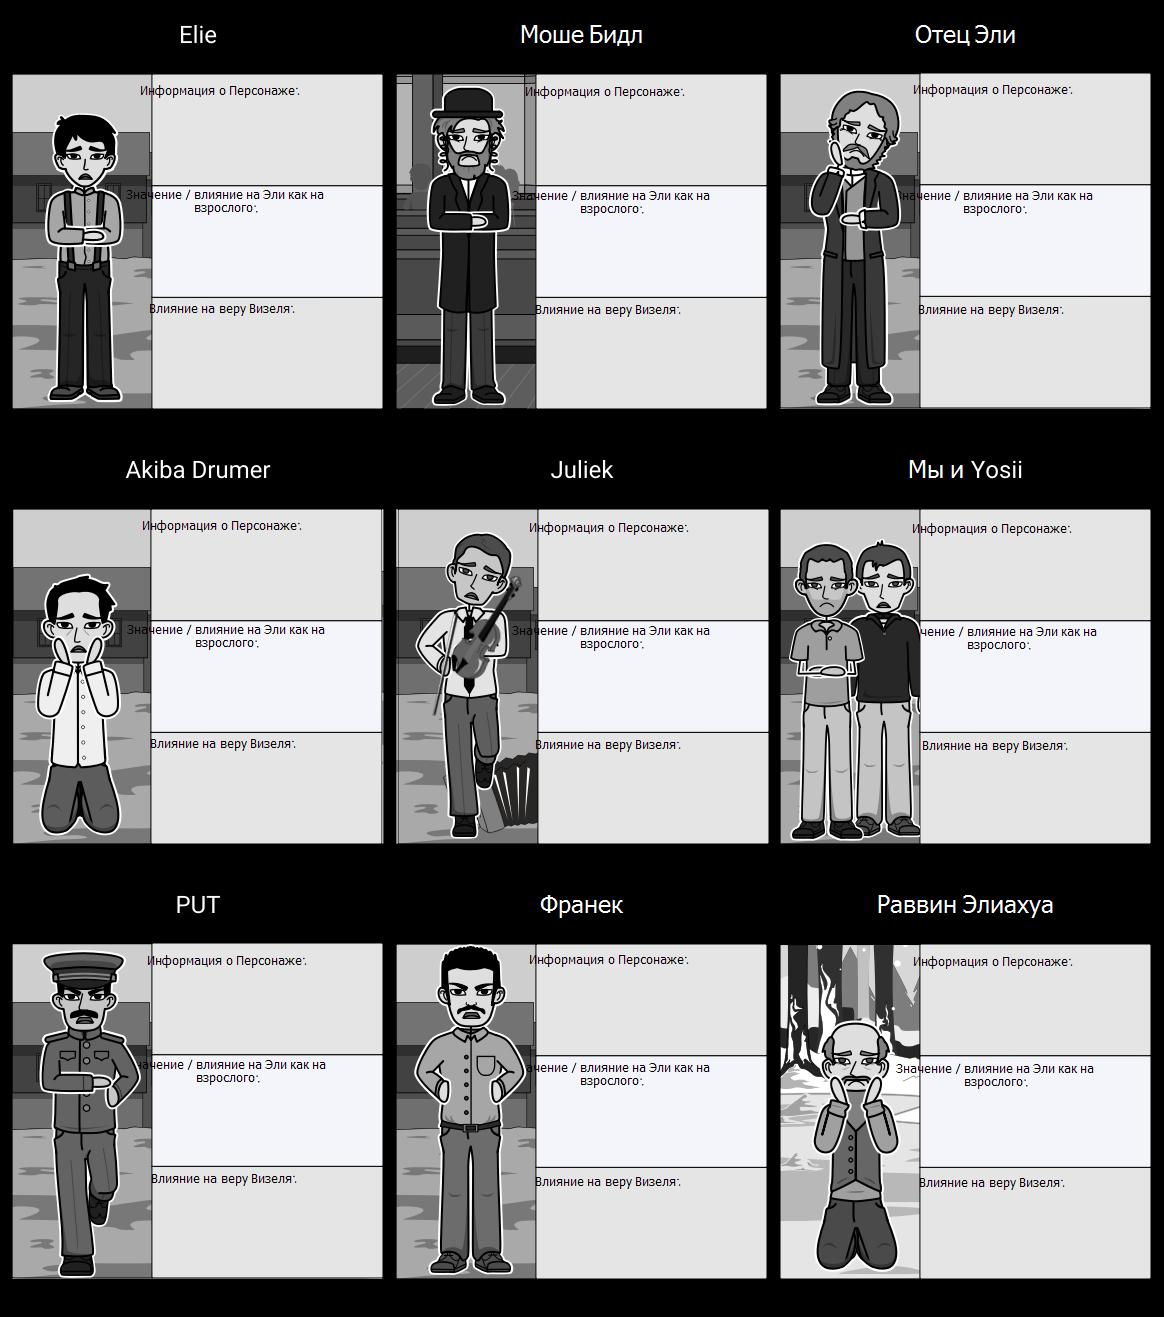 Эли Визель Ночь Character Map